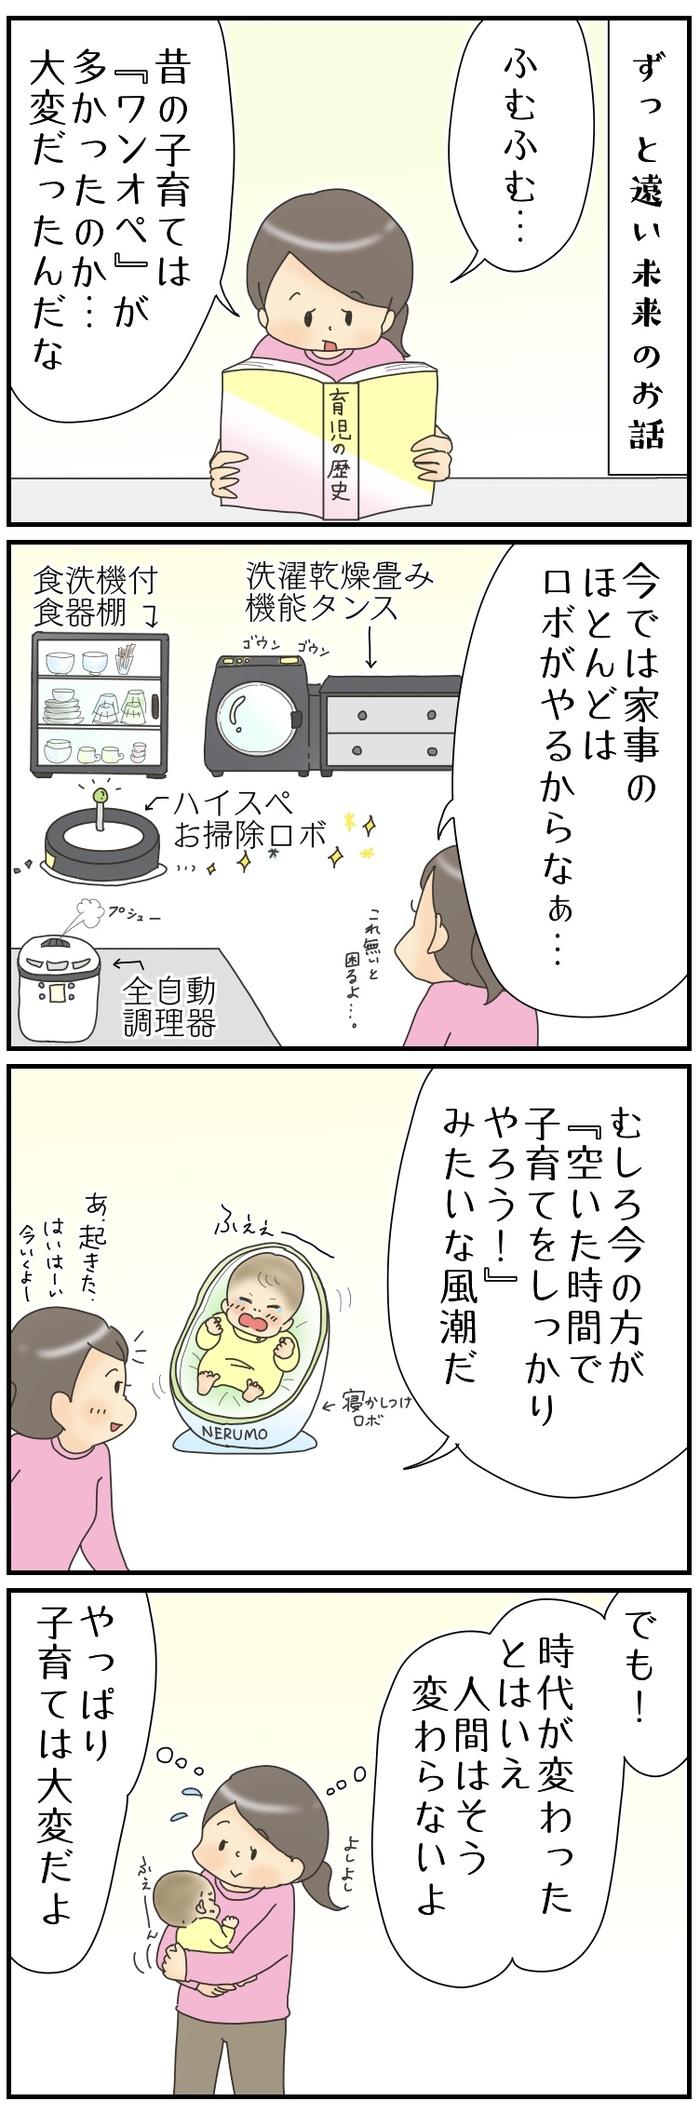 未来の子育て必需品はコレ!子育てマストアイテムを妄想してみた!の画像1